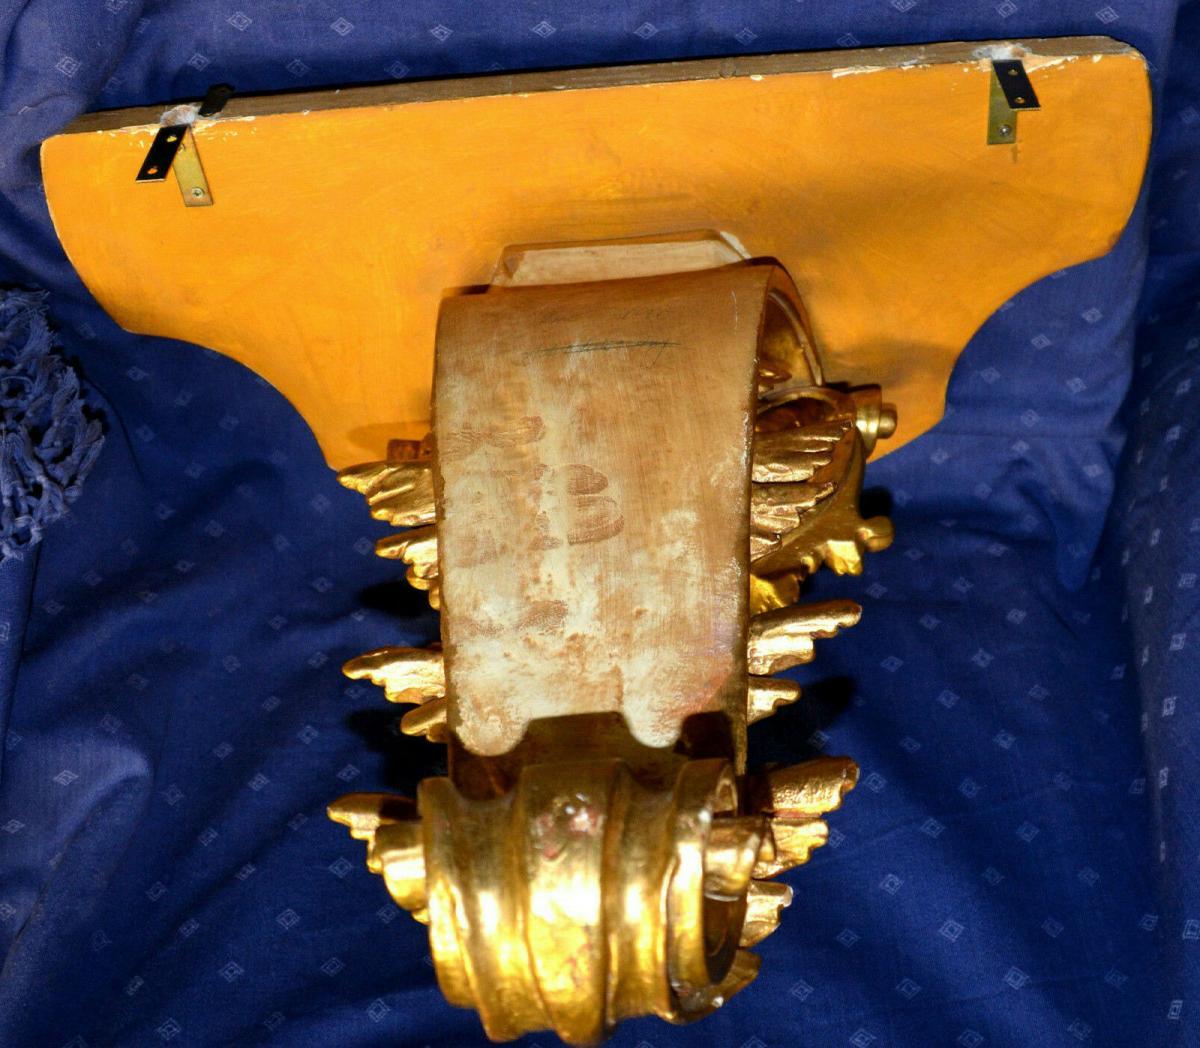 Grosse Wandkonsole,aufwendig geschnitzt, gold gefasst,Süddeutsch,Weichholz 3